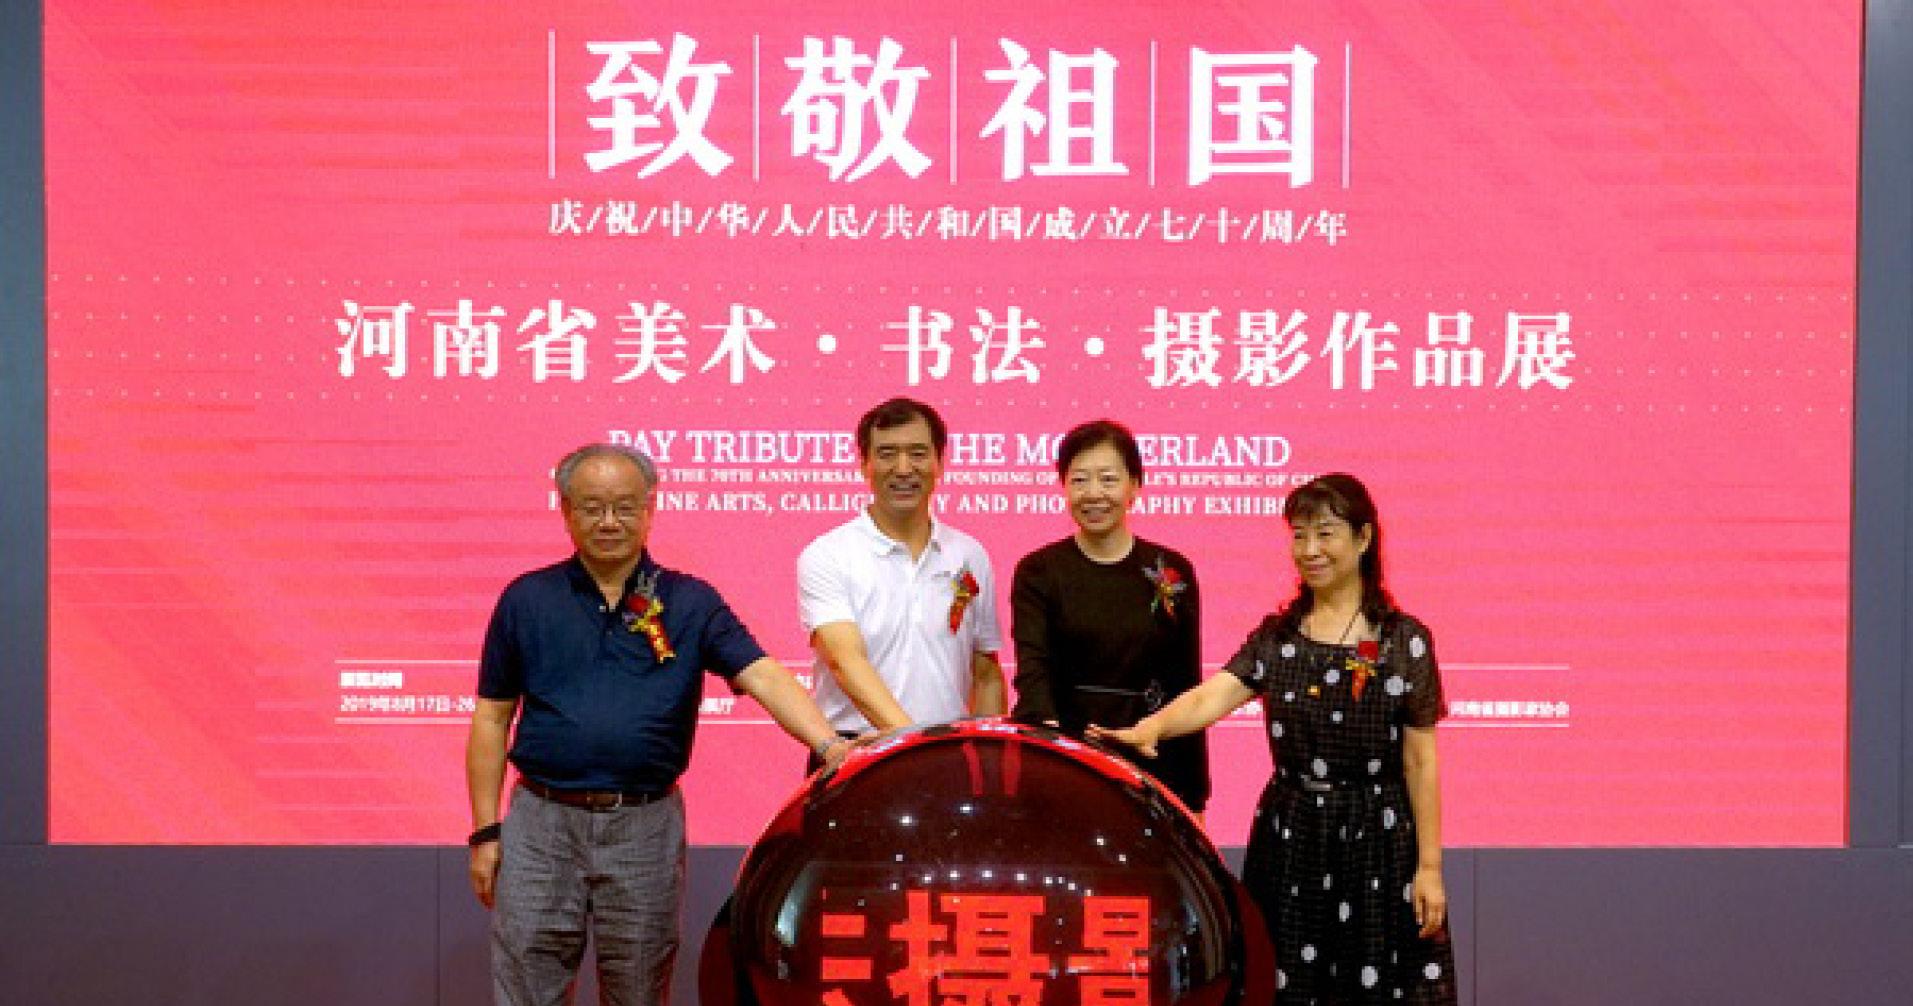 """致敬祖国""""庆祝中华人民共和国成立70周年河南省美术书法摄影作品展"""